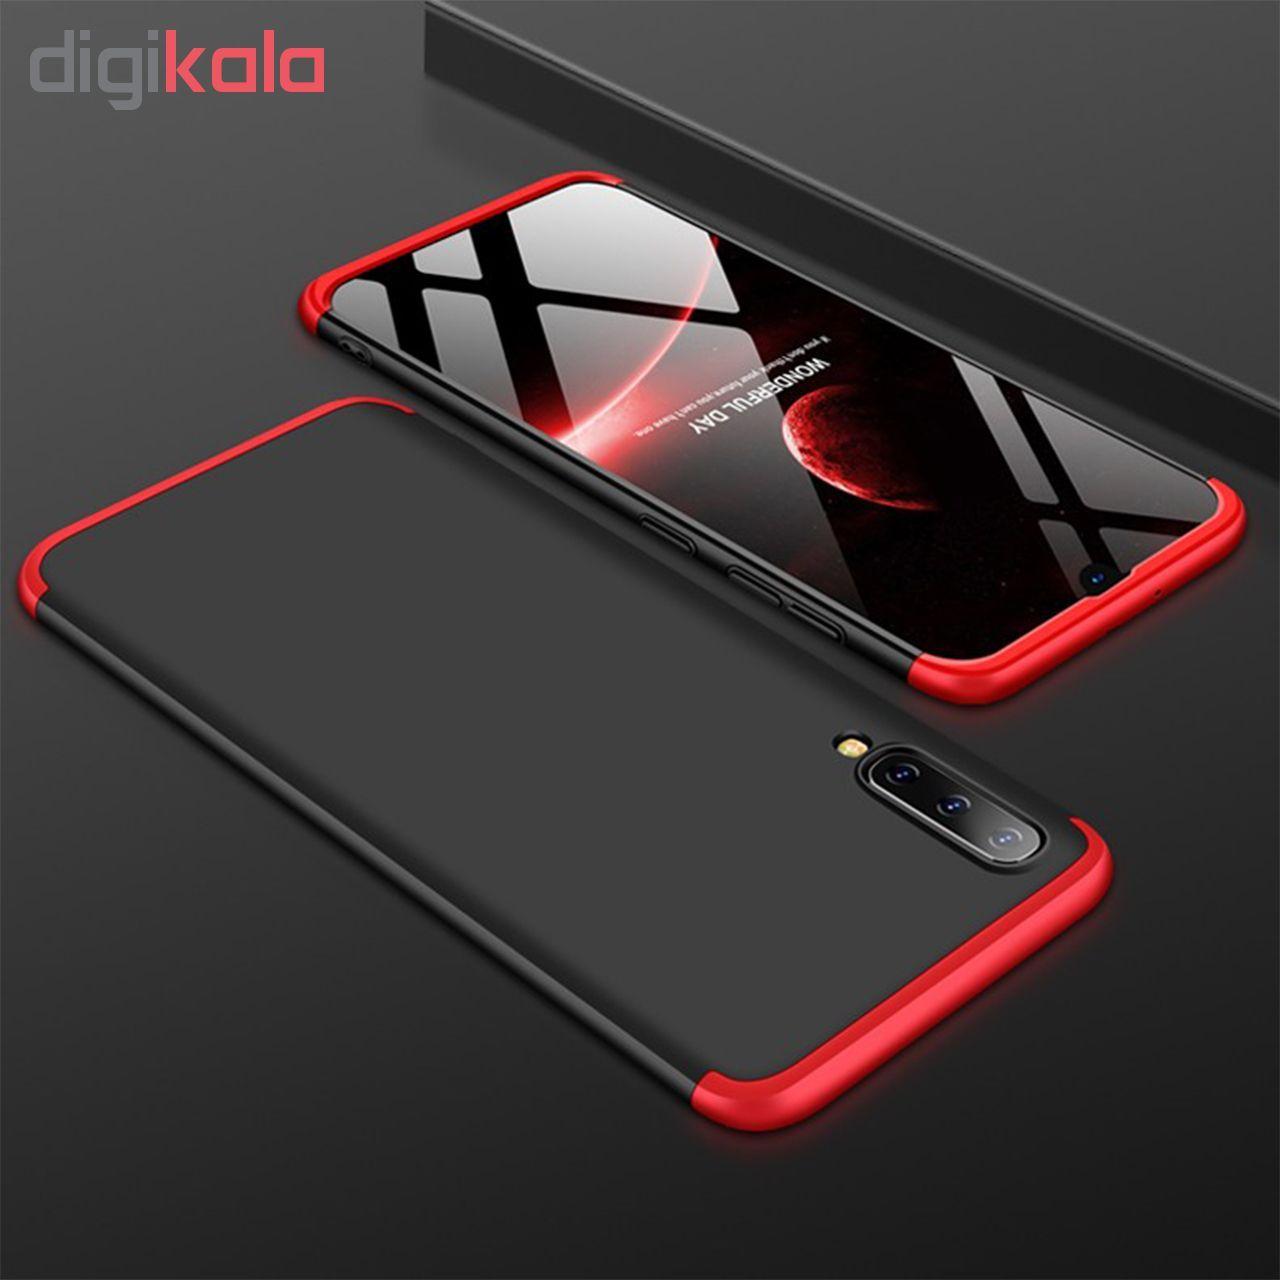 کاور 360 درجه مسیر مدل MGKNEW-1 مناسب برای گوشی موبایل سامسونگ Galaxy A70S main 1 1